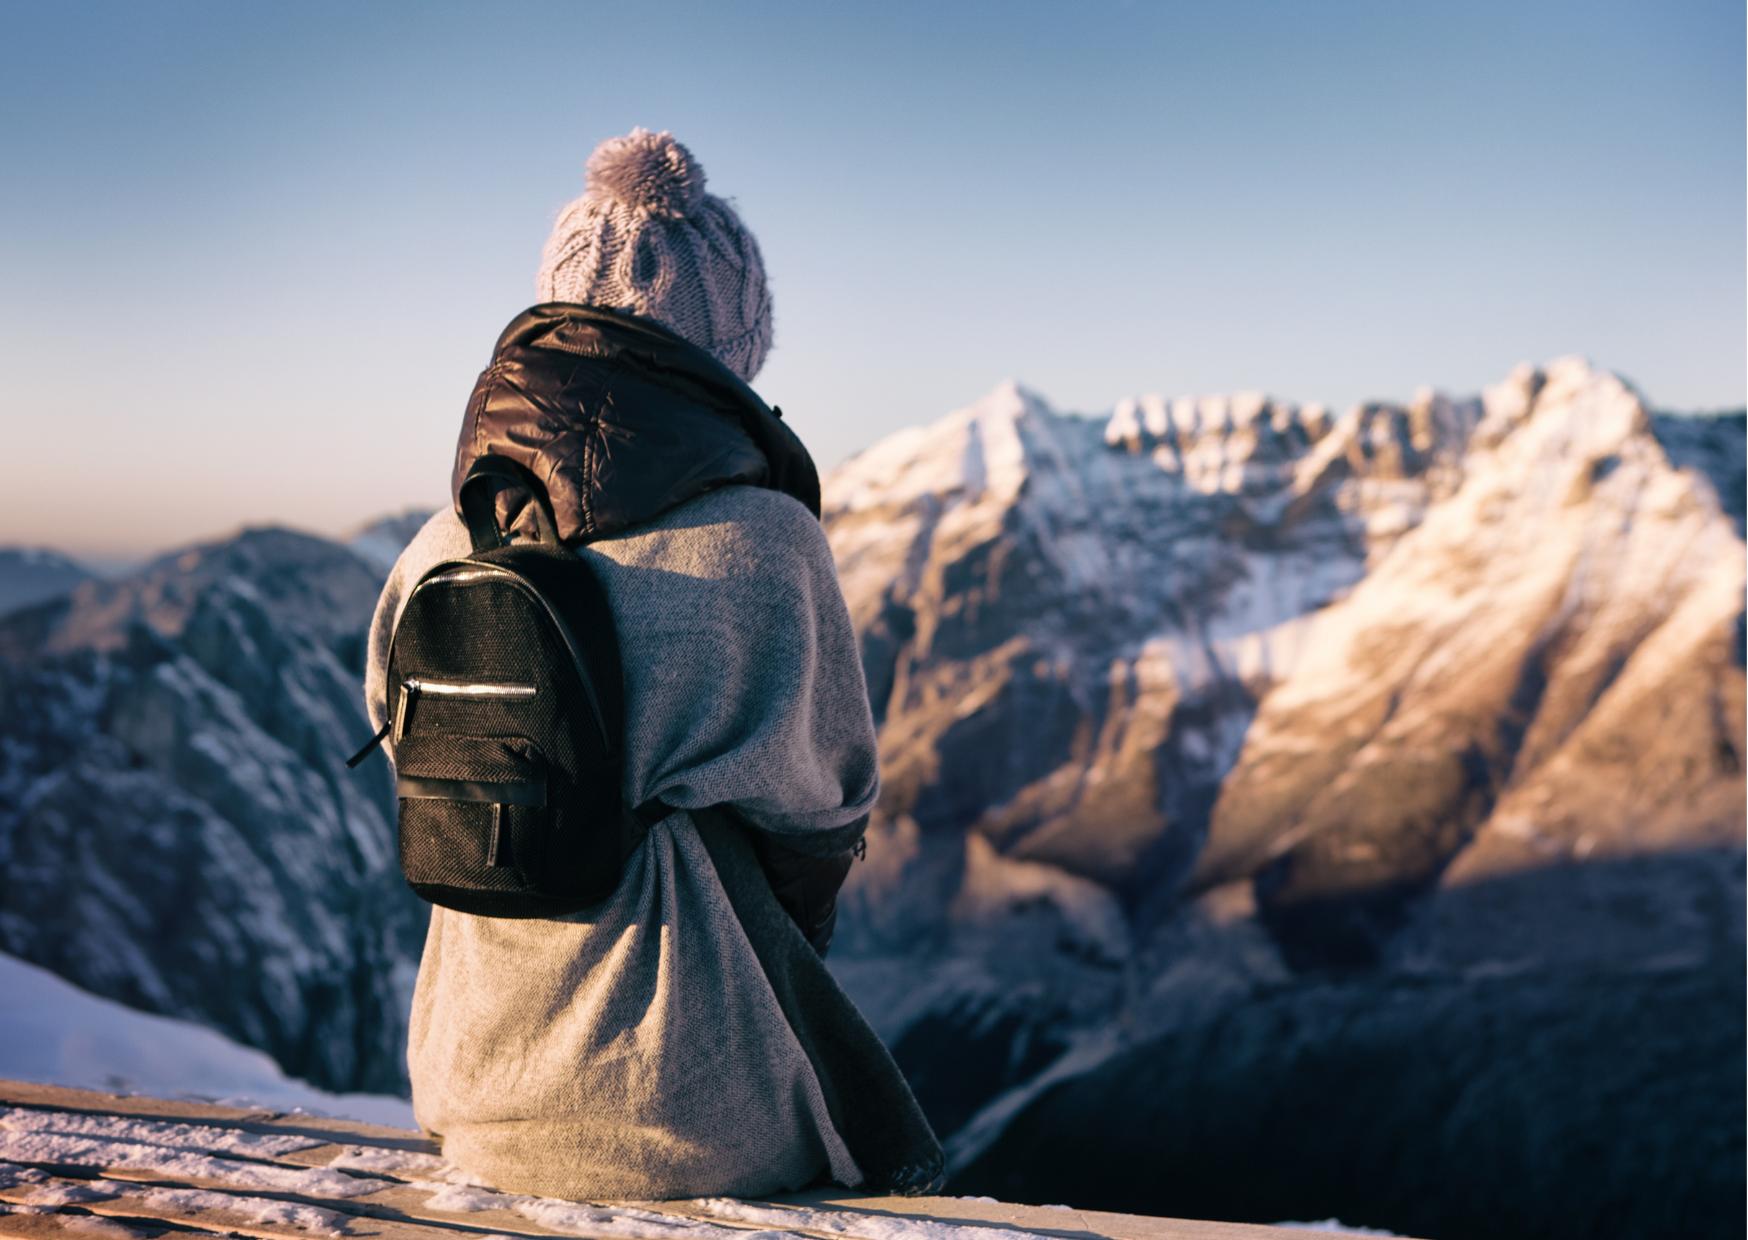 La aventura más importante de tus viajes фото